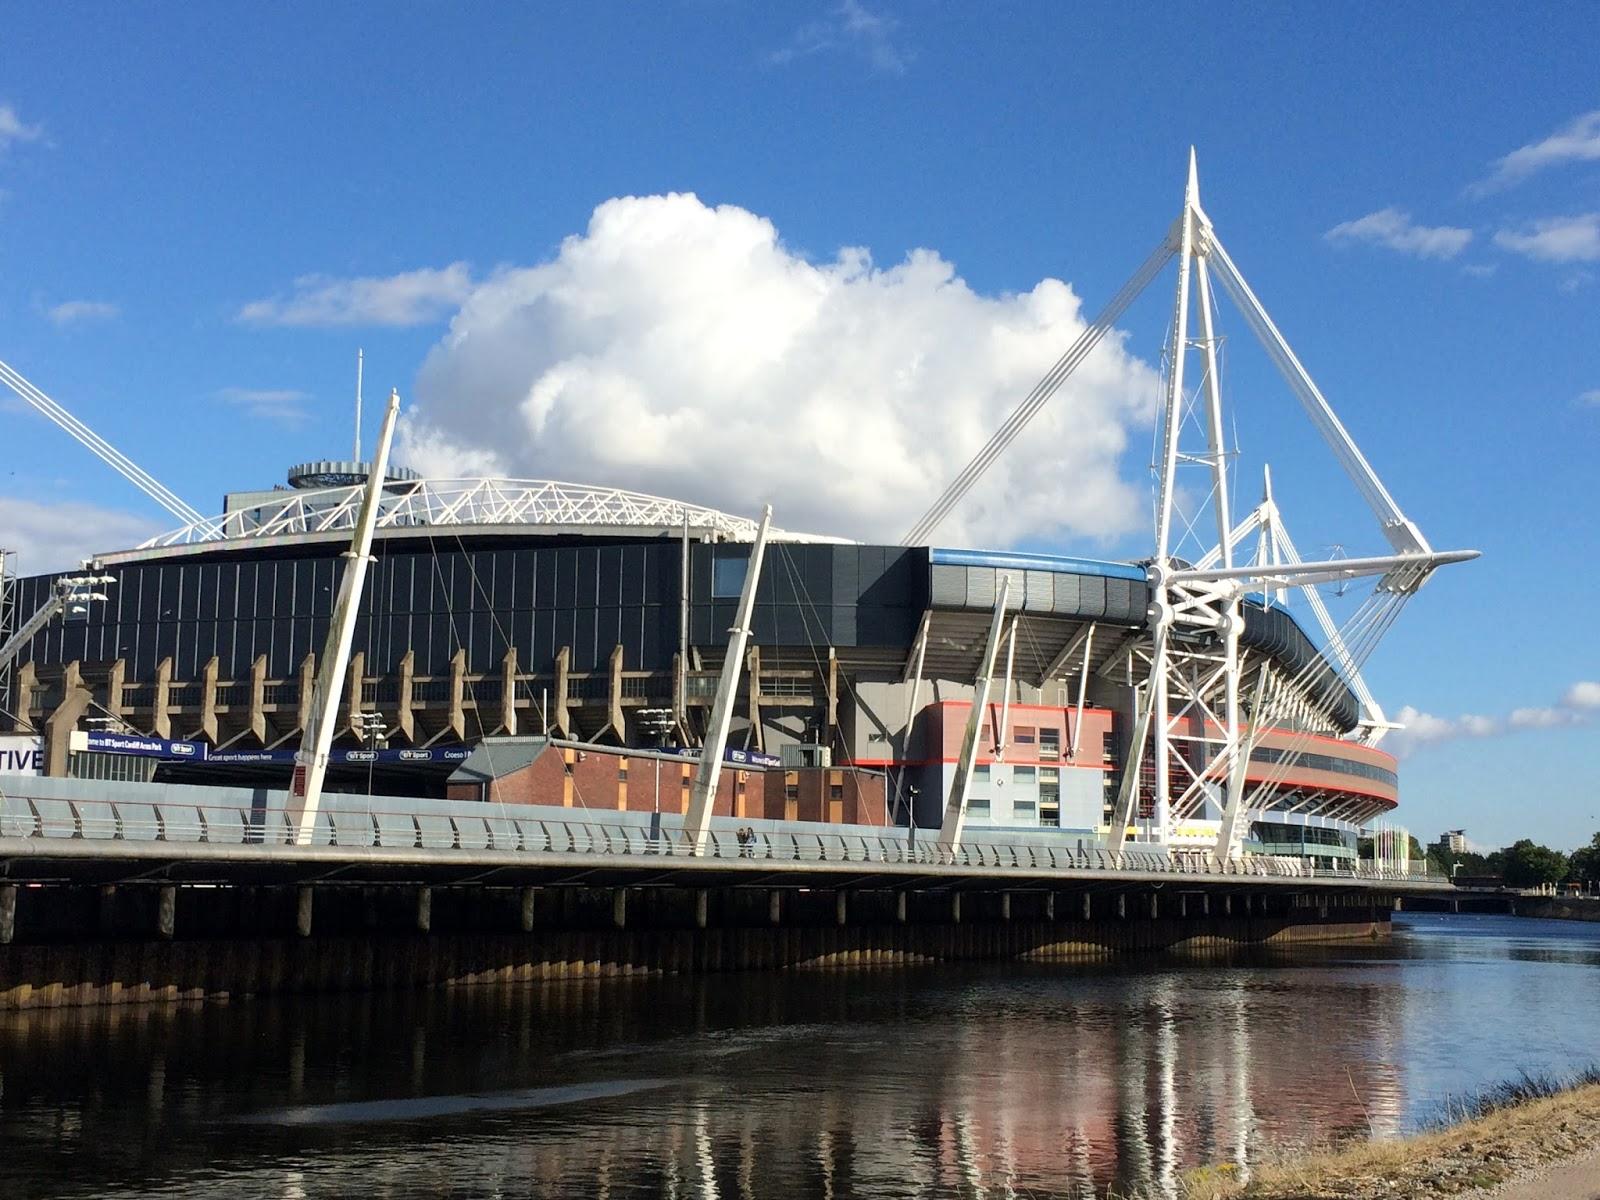 cozy birdhouse | millennium stadium in cardiff